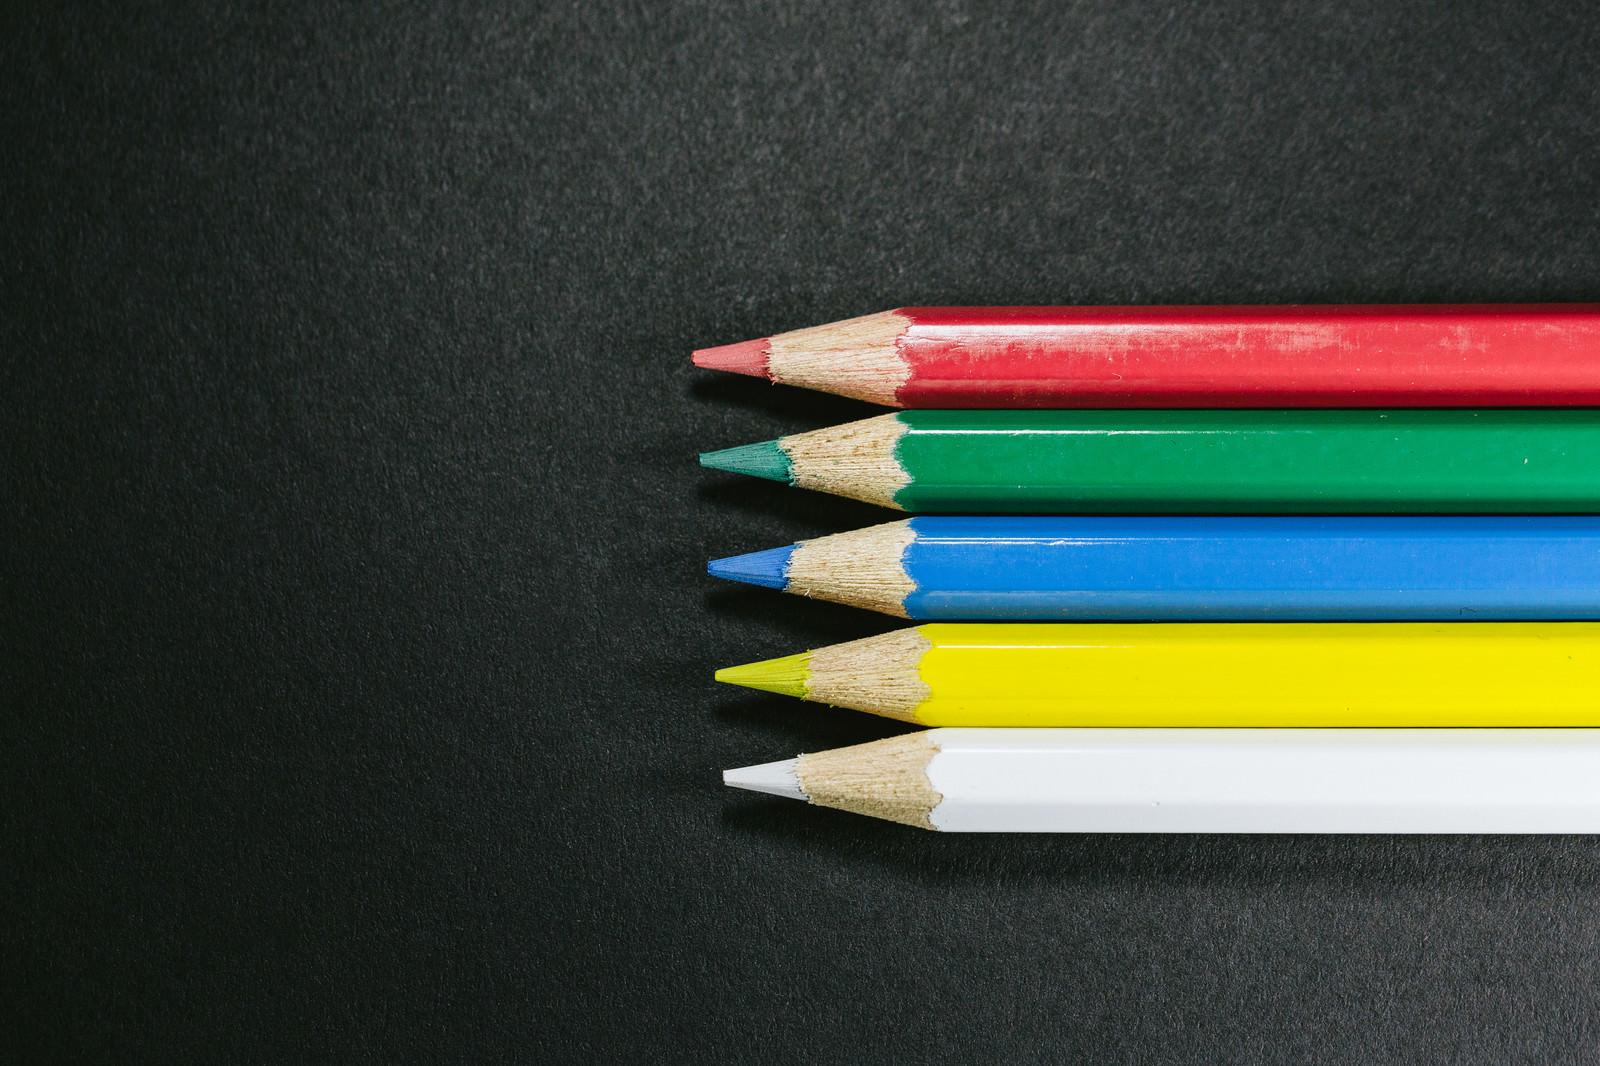 「世界に5つだけの色鉛筆」の写真